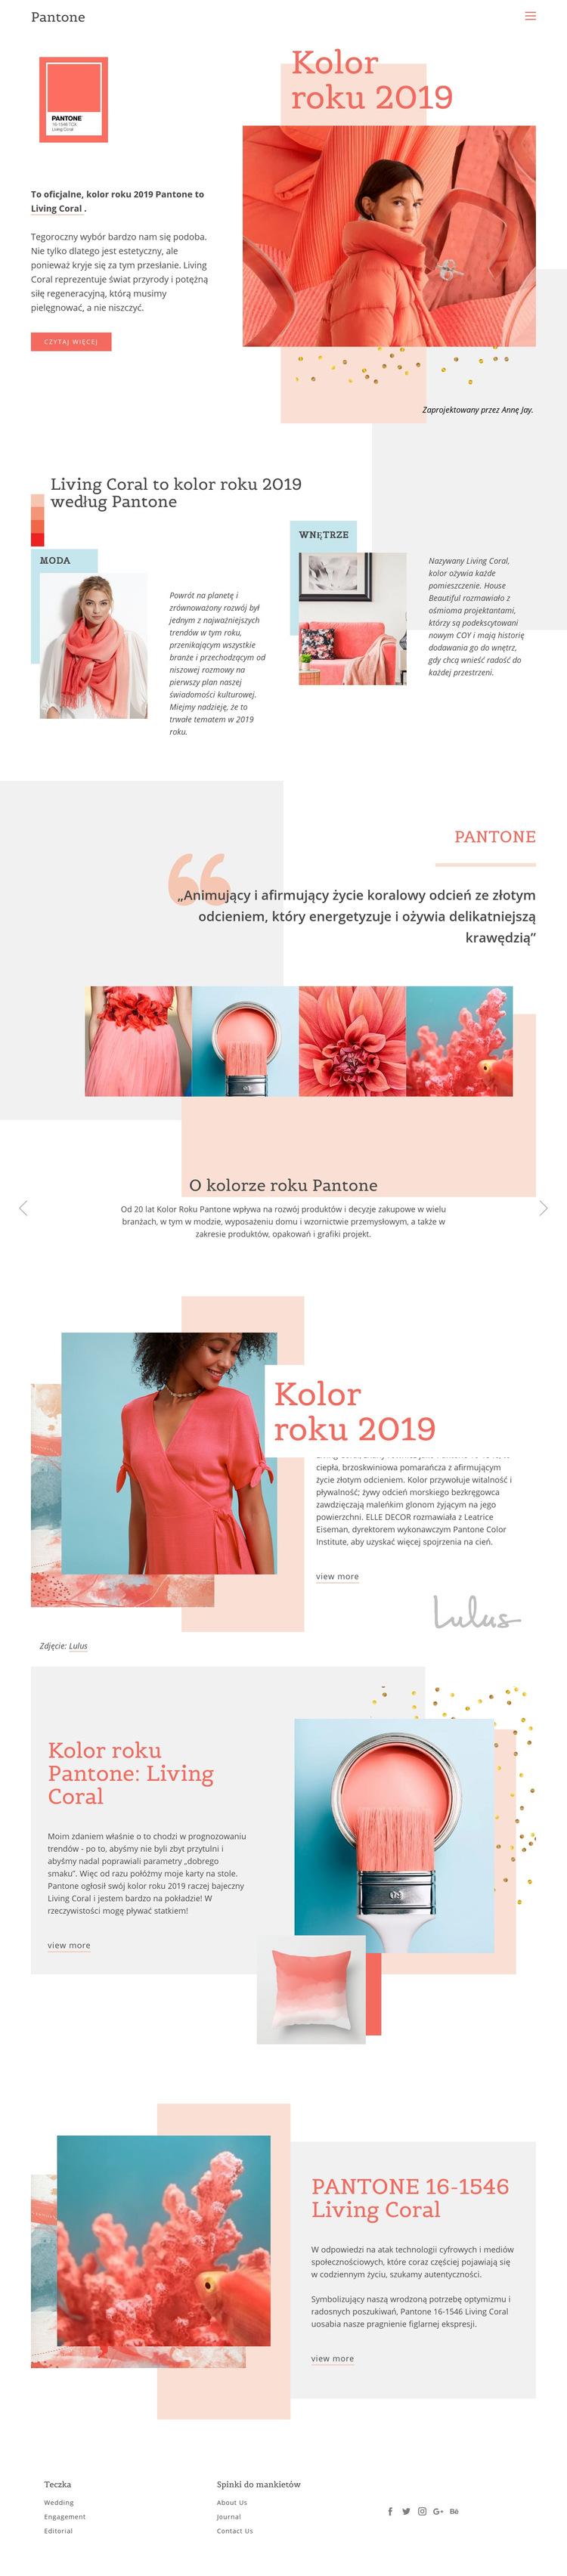 Kolor roku 2019 Szablon witryny sieci Web